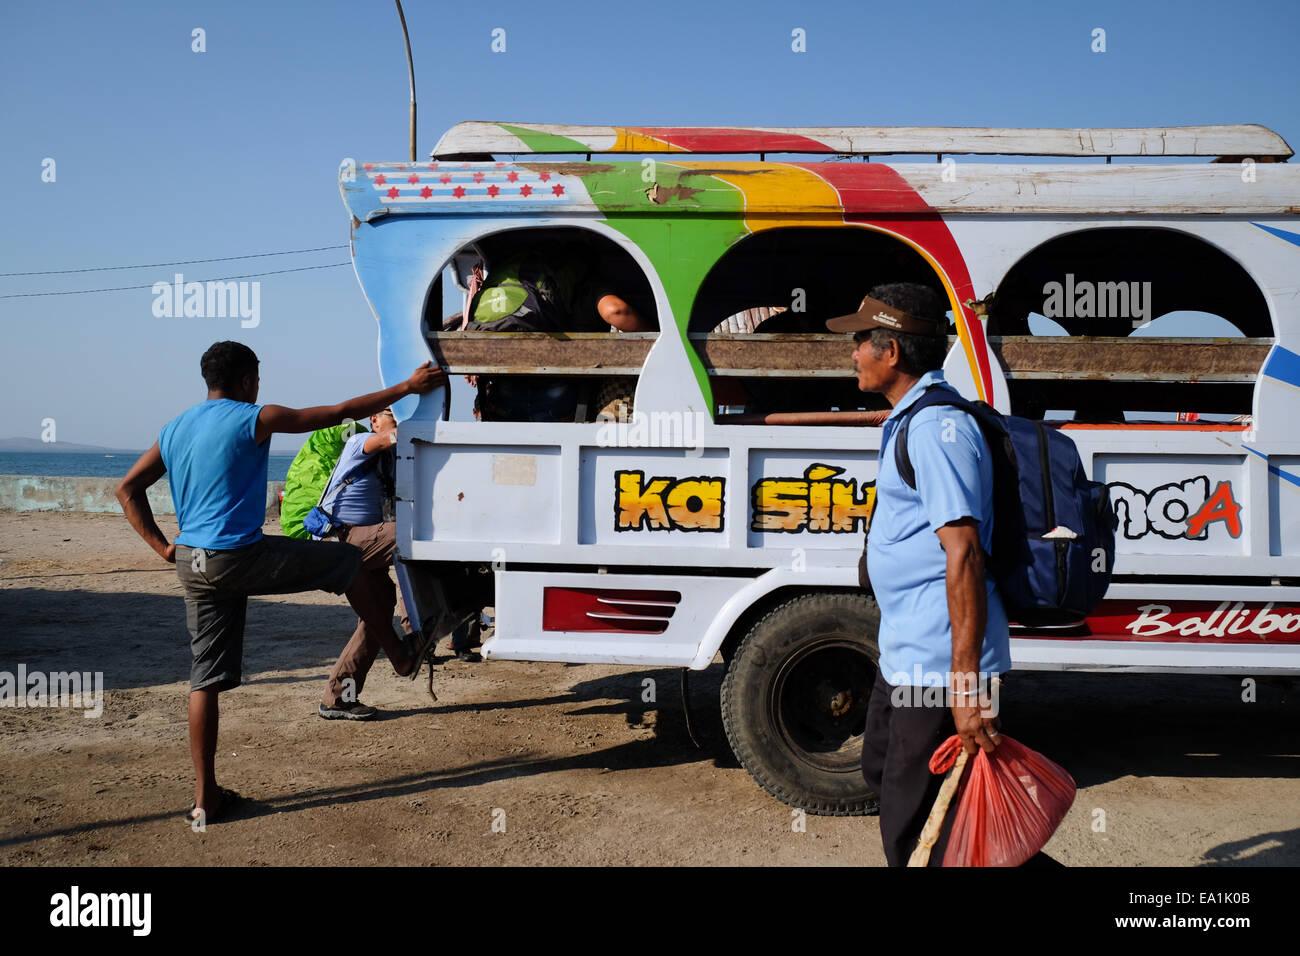 Public transportation in Lewoleba city, Lembata Island, Indonesia. - Stock Image